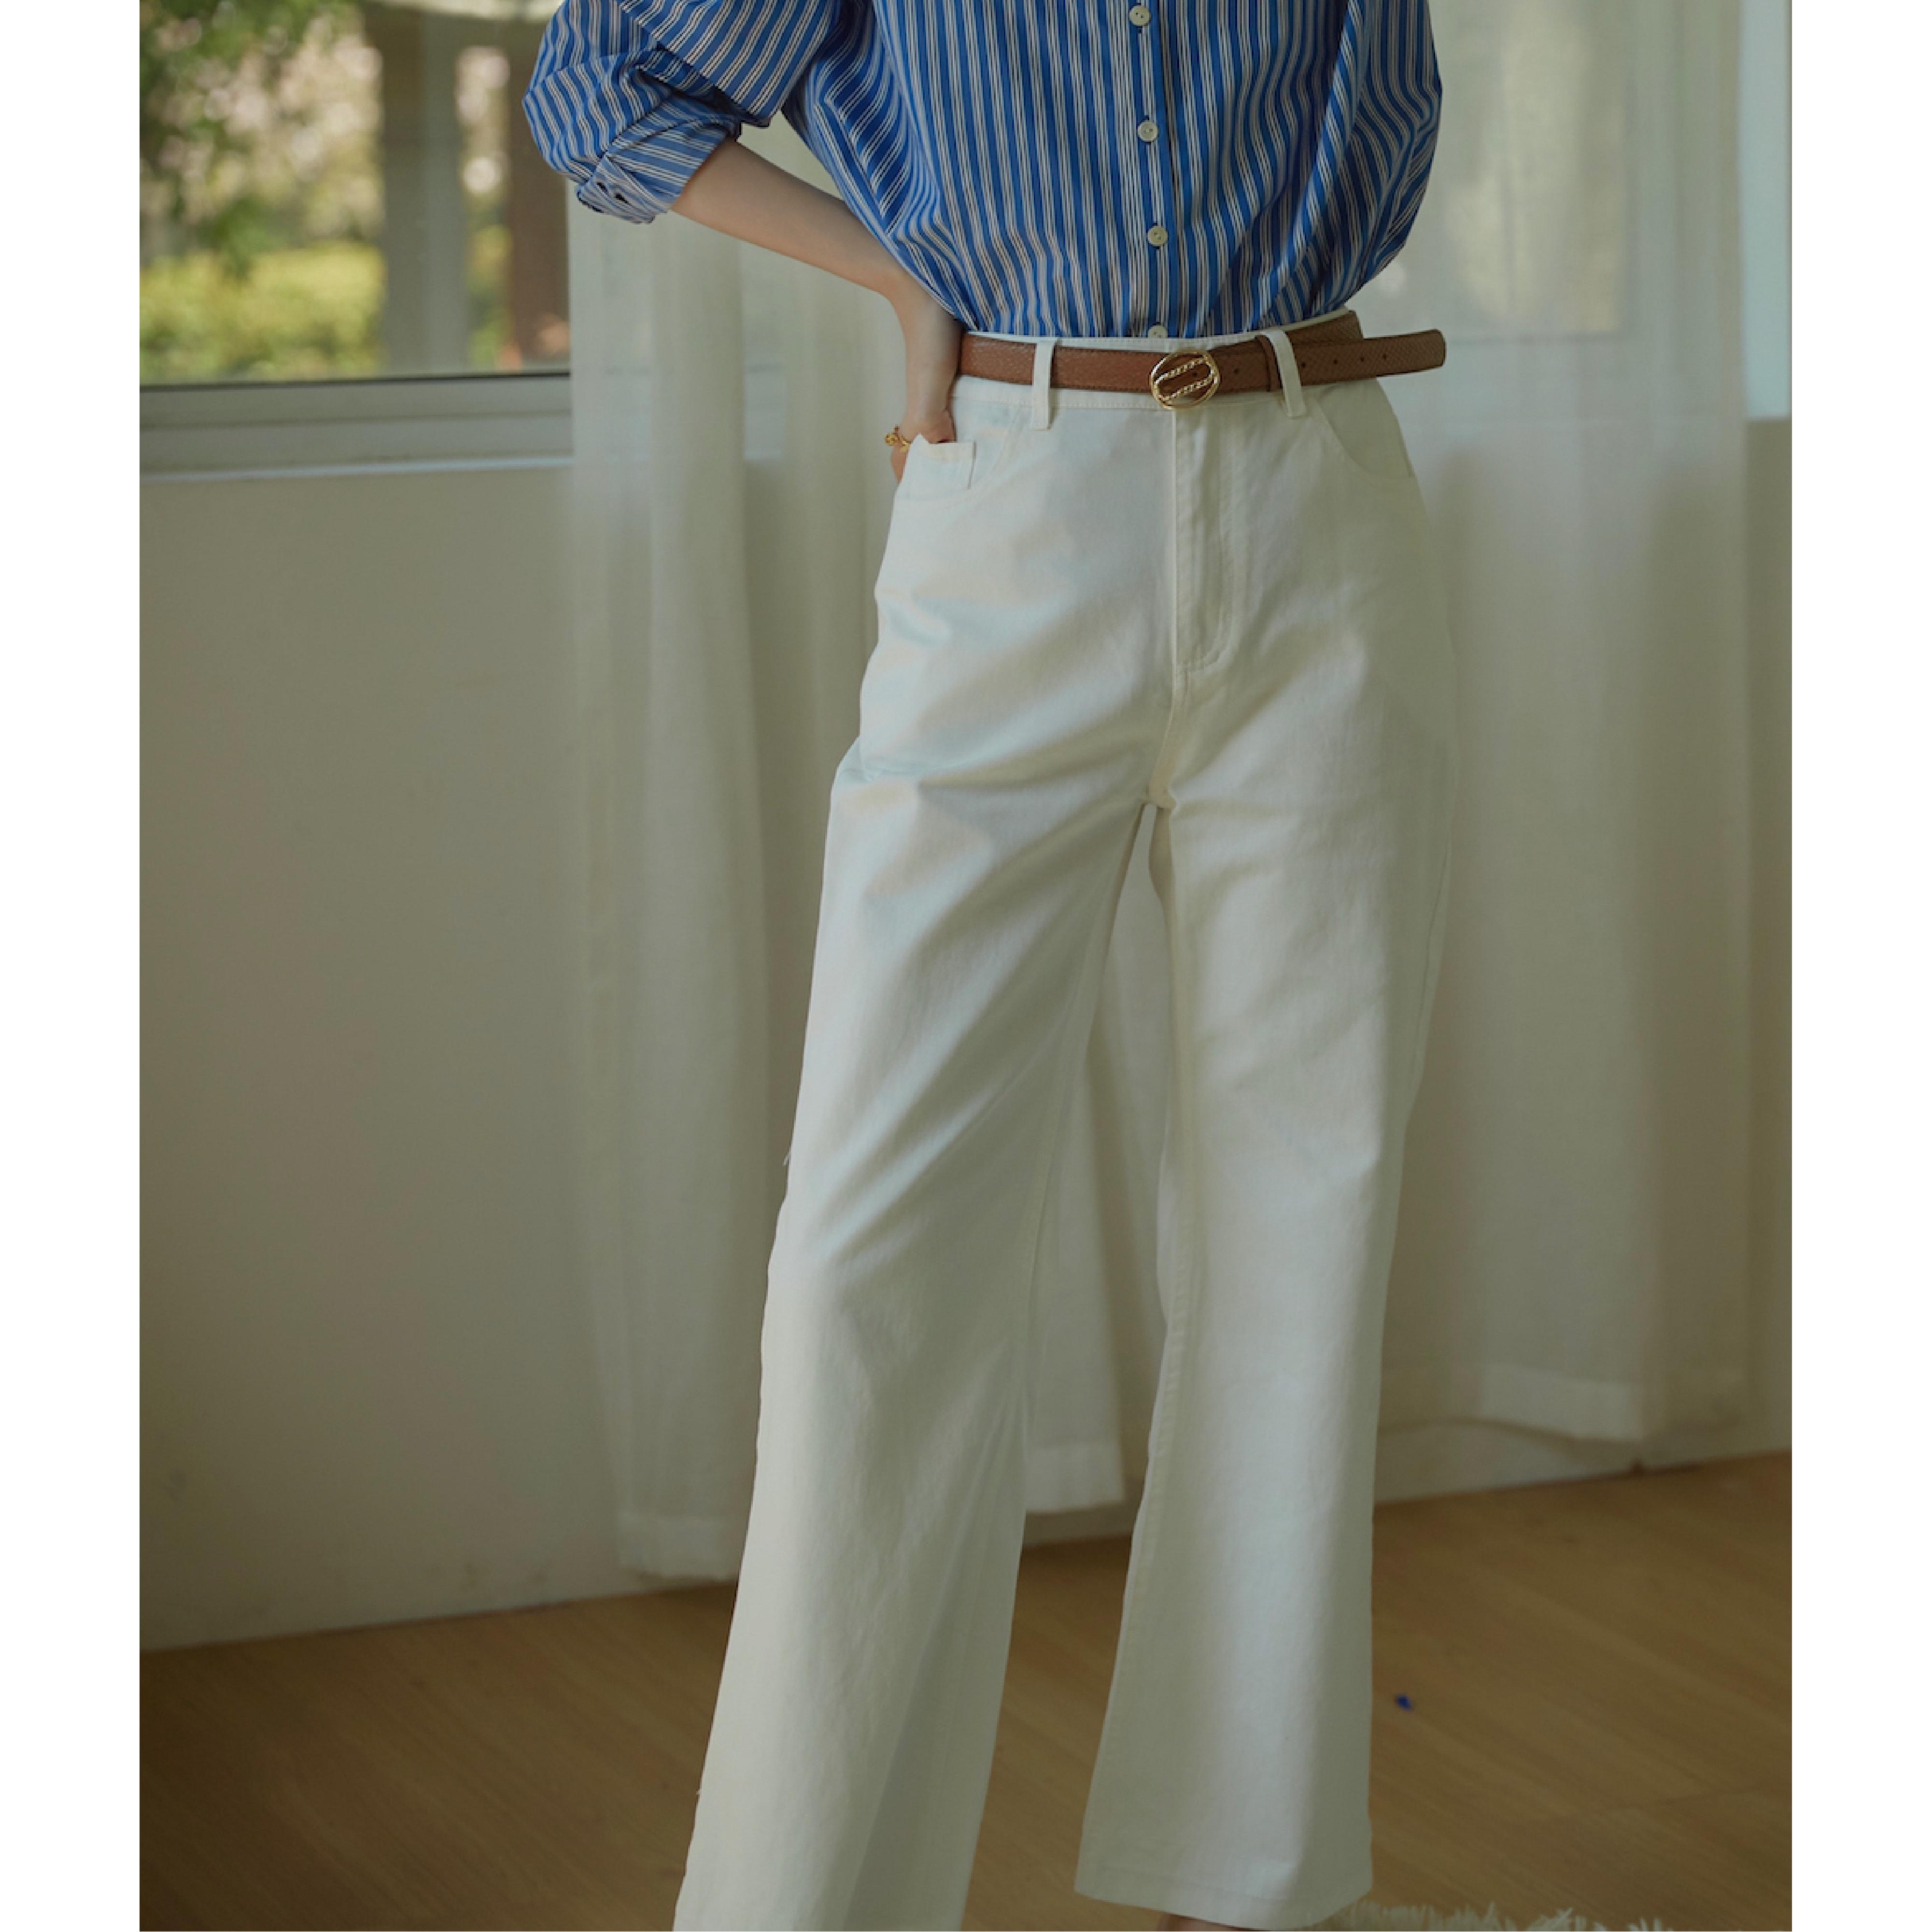 GOJO 法式复古做旧高腰显瘦直筒牛仔裤微喇叭白色休闲裤2020新款